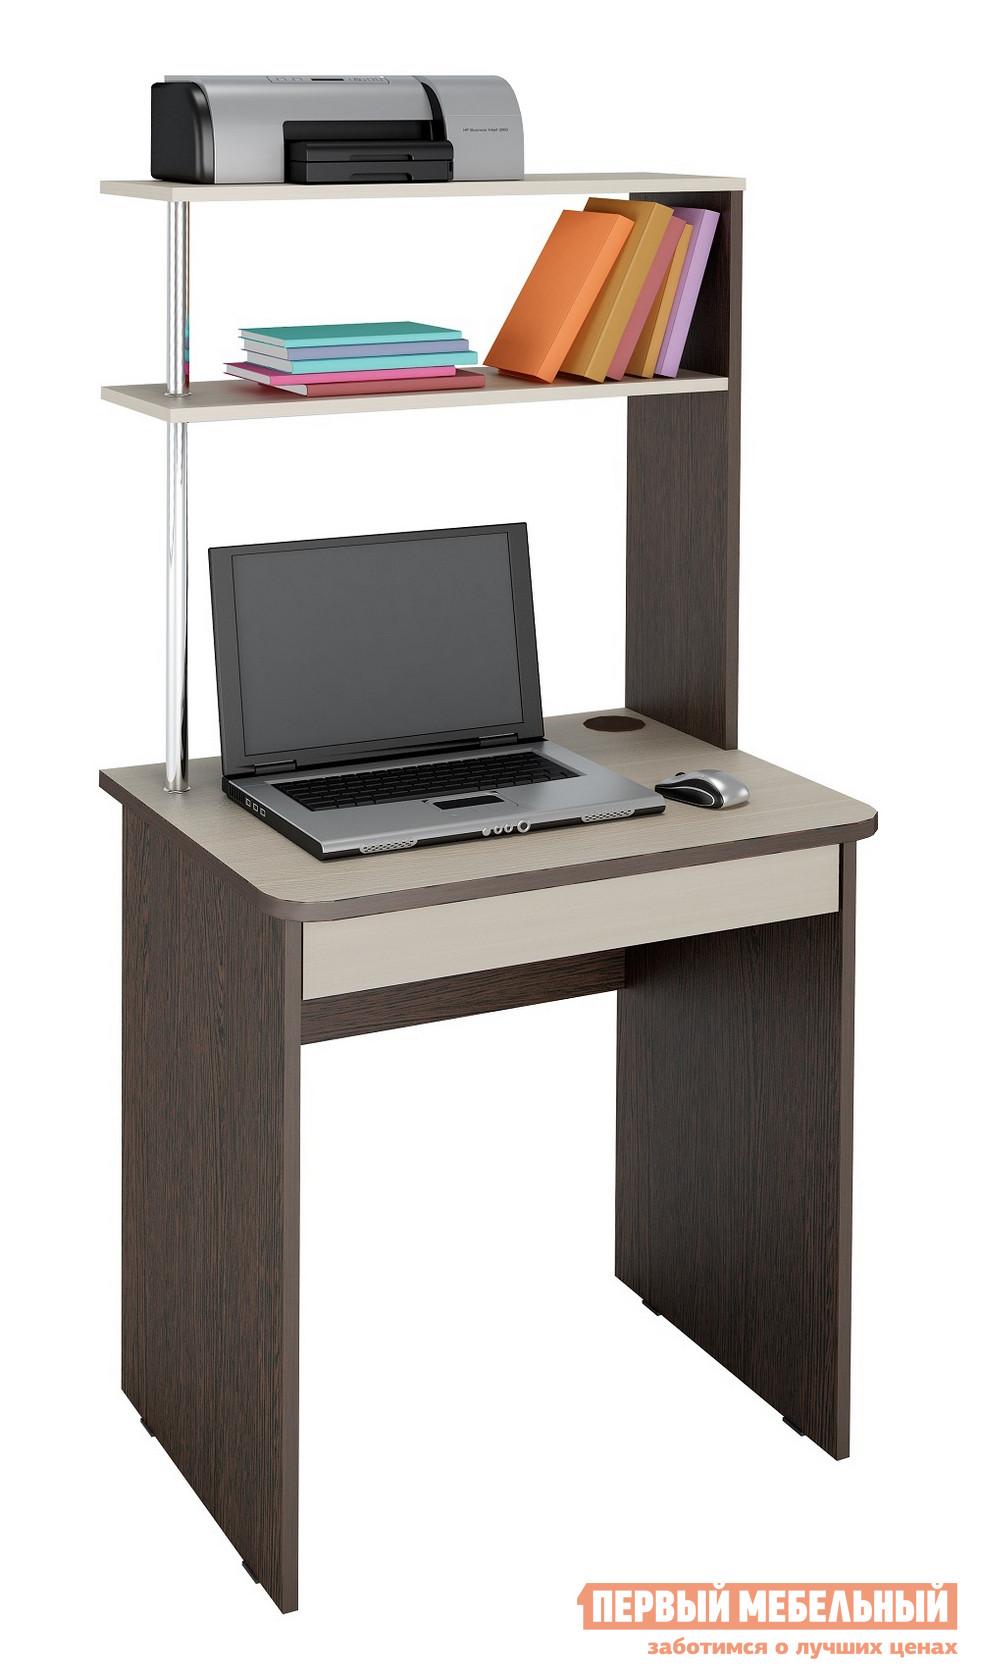 Компьютерный стол Витра Фортуна-37 Венге / Дуб Кобург